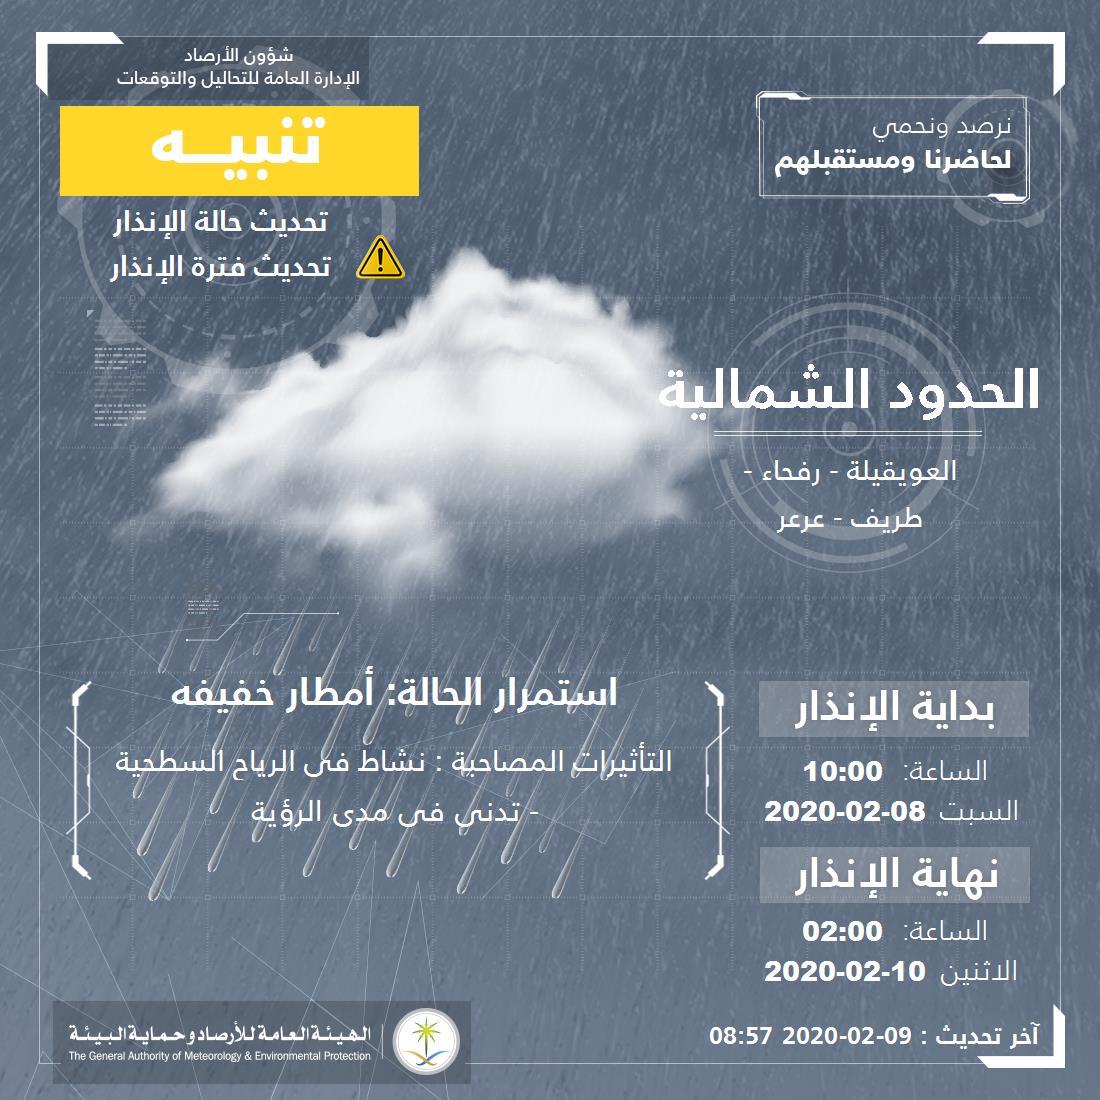 حالة الطقس في السعودية الأحد 9 فبراير 2020